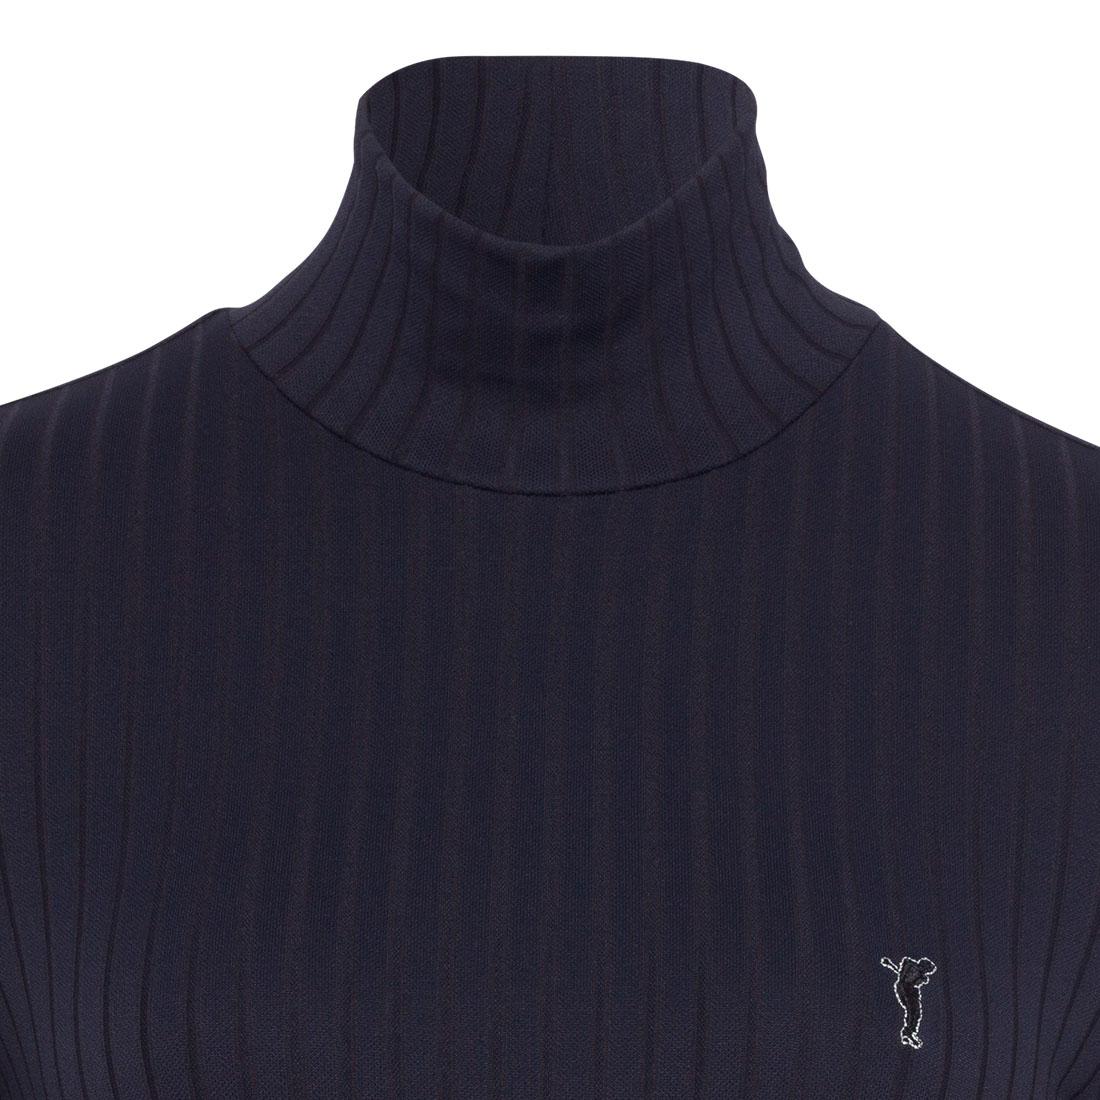 Pullunder donna stretch con collo alto e vestibilità slim con funzione Dry Comfort